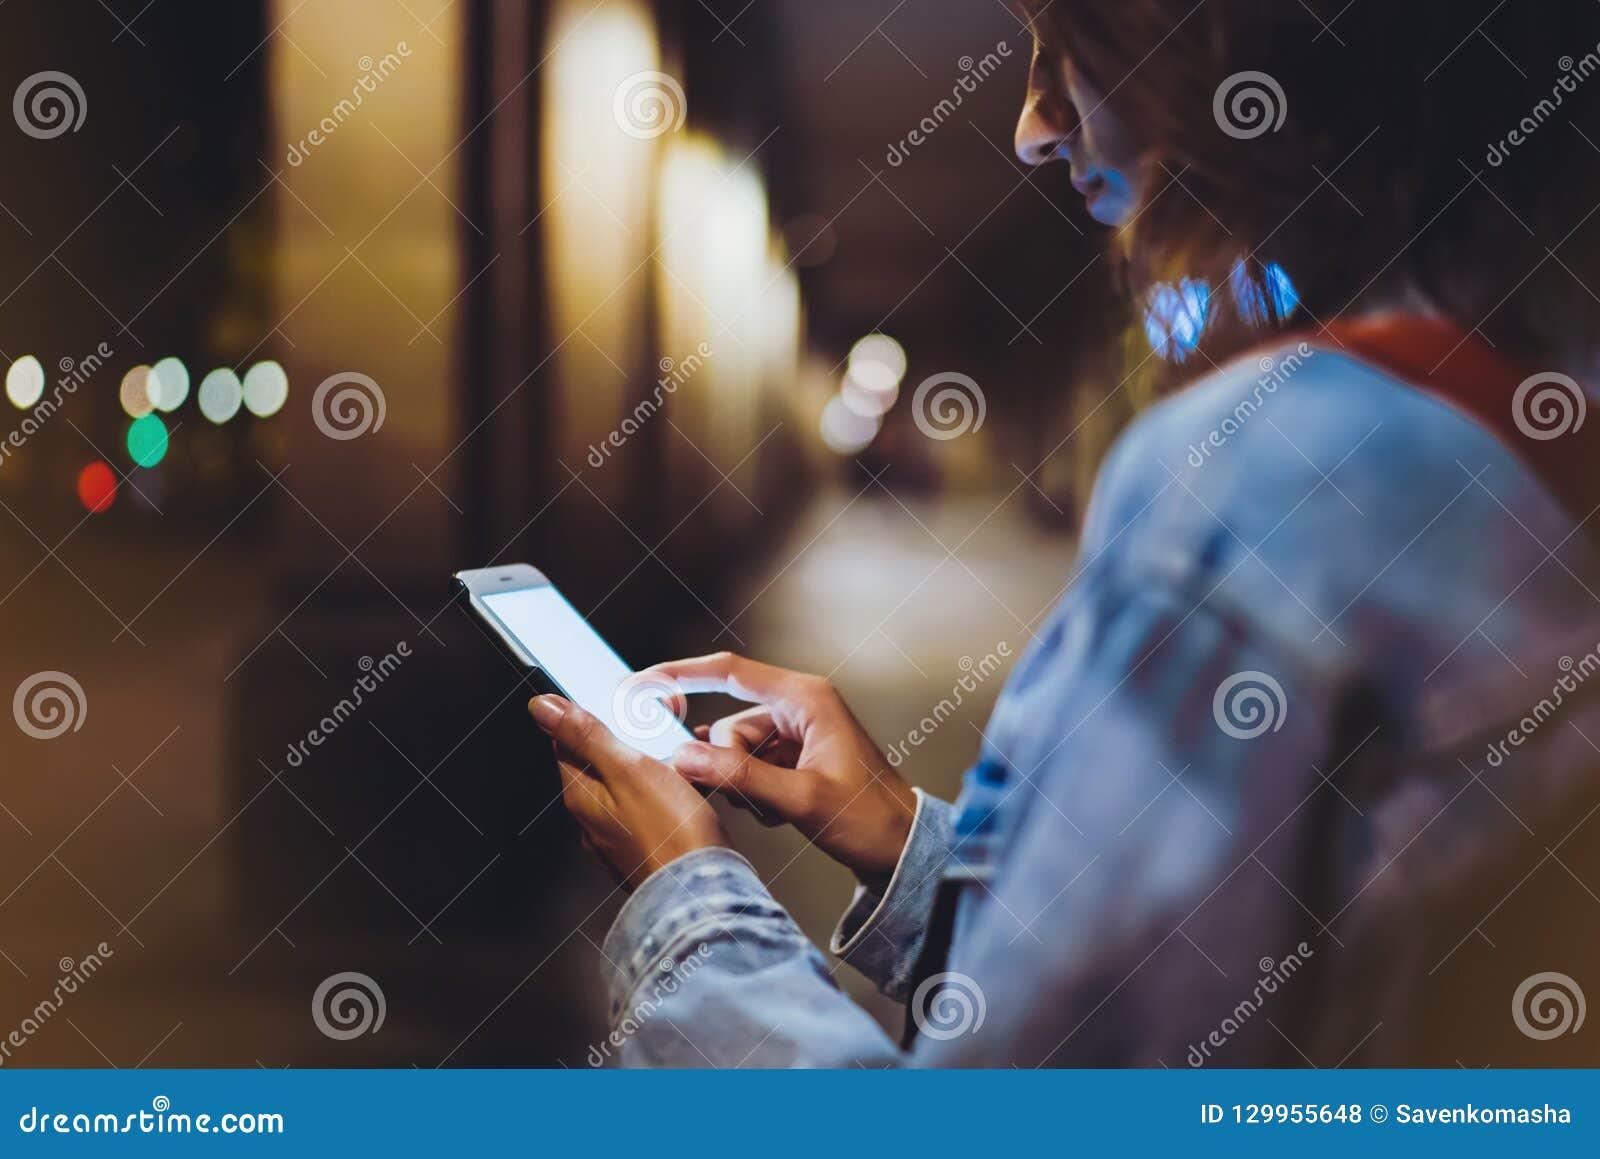 Битник блоггера используя в мобильном телефоне устройства рук, женщине с рюкзаком указывая палец на smartphone пустого экрана на